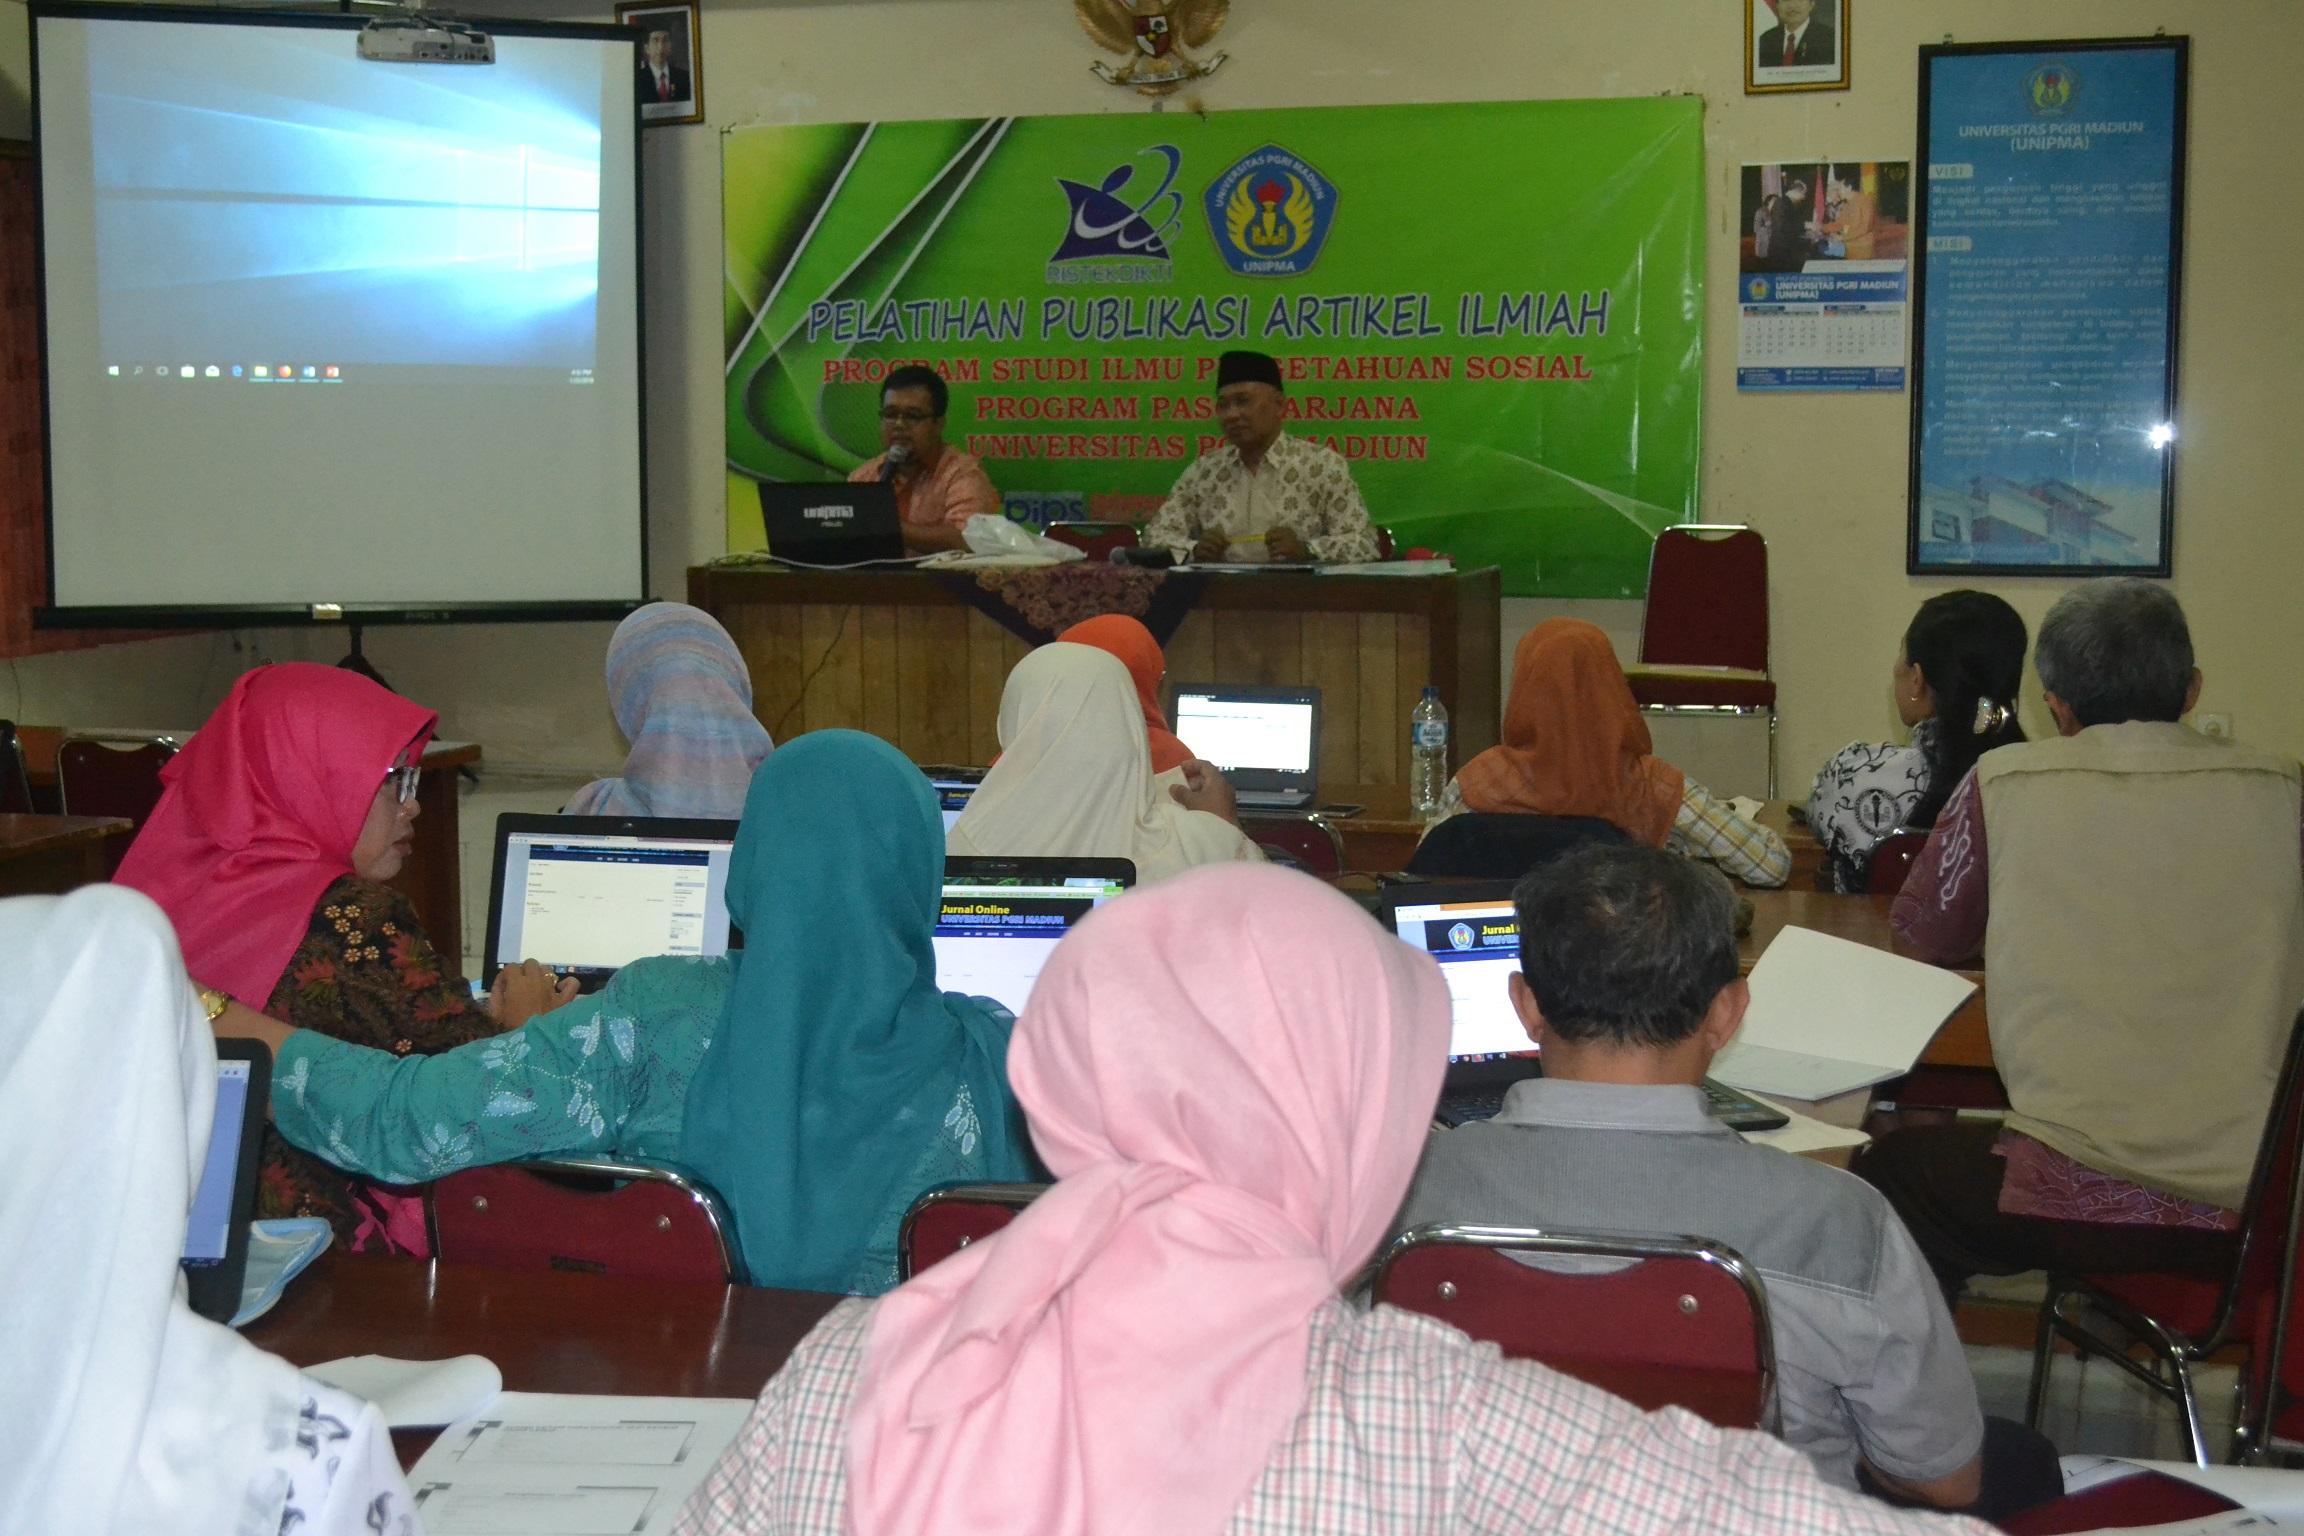 Pelatihan Publikasi Artikel Ilmiah Mahasiswa S2 Pendidikan IPS